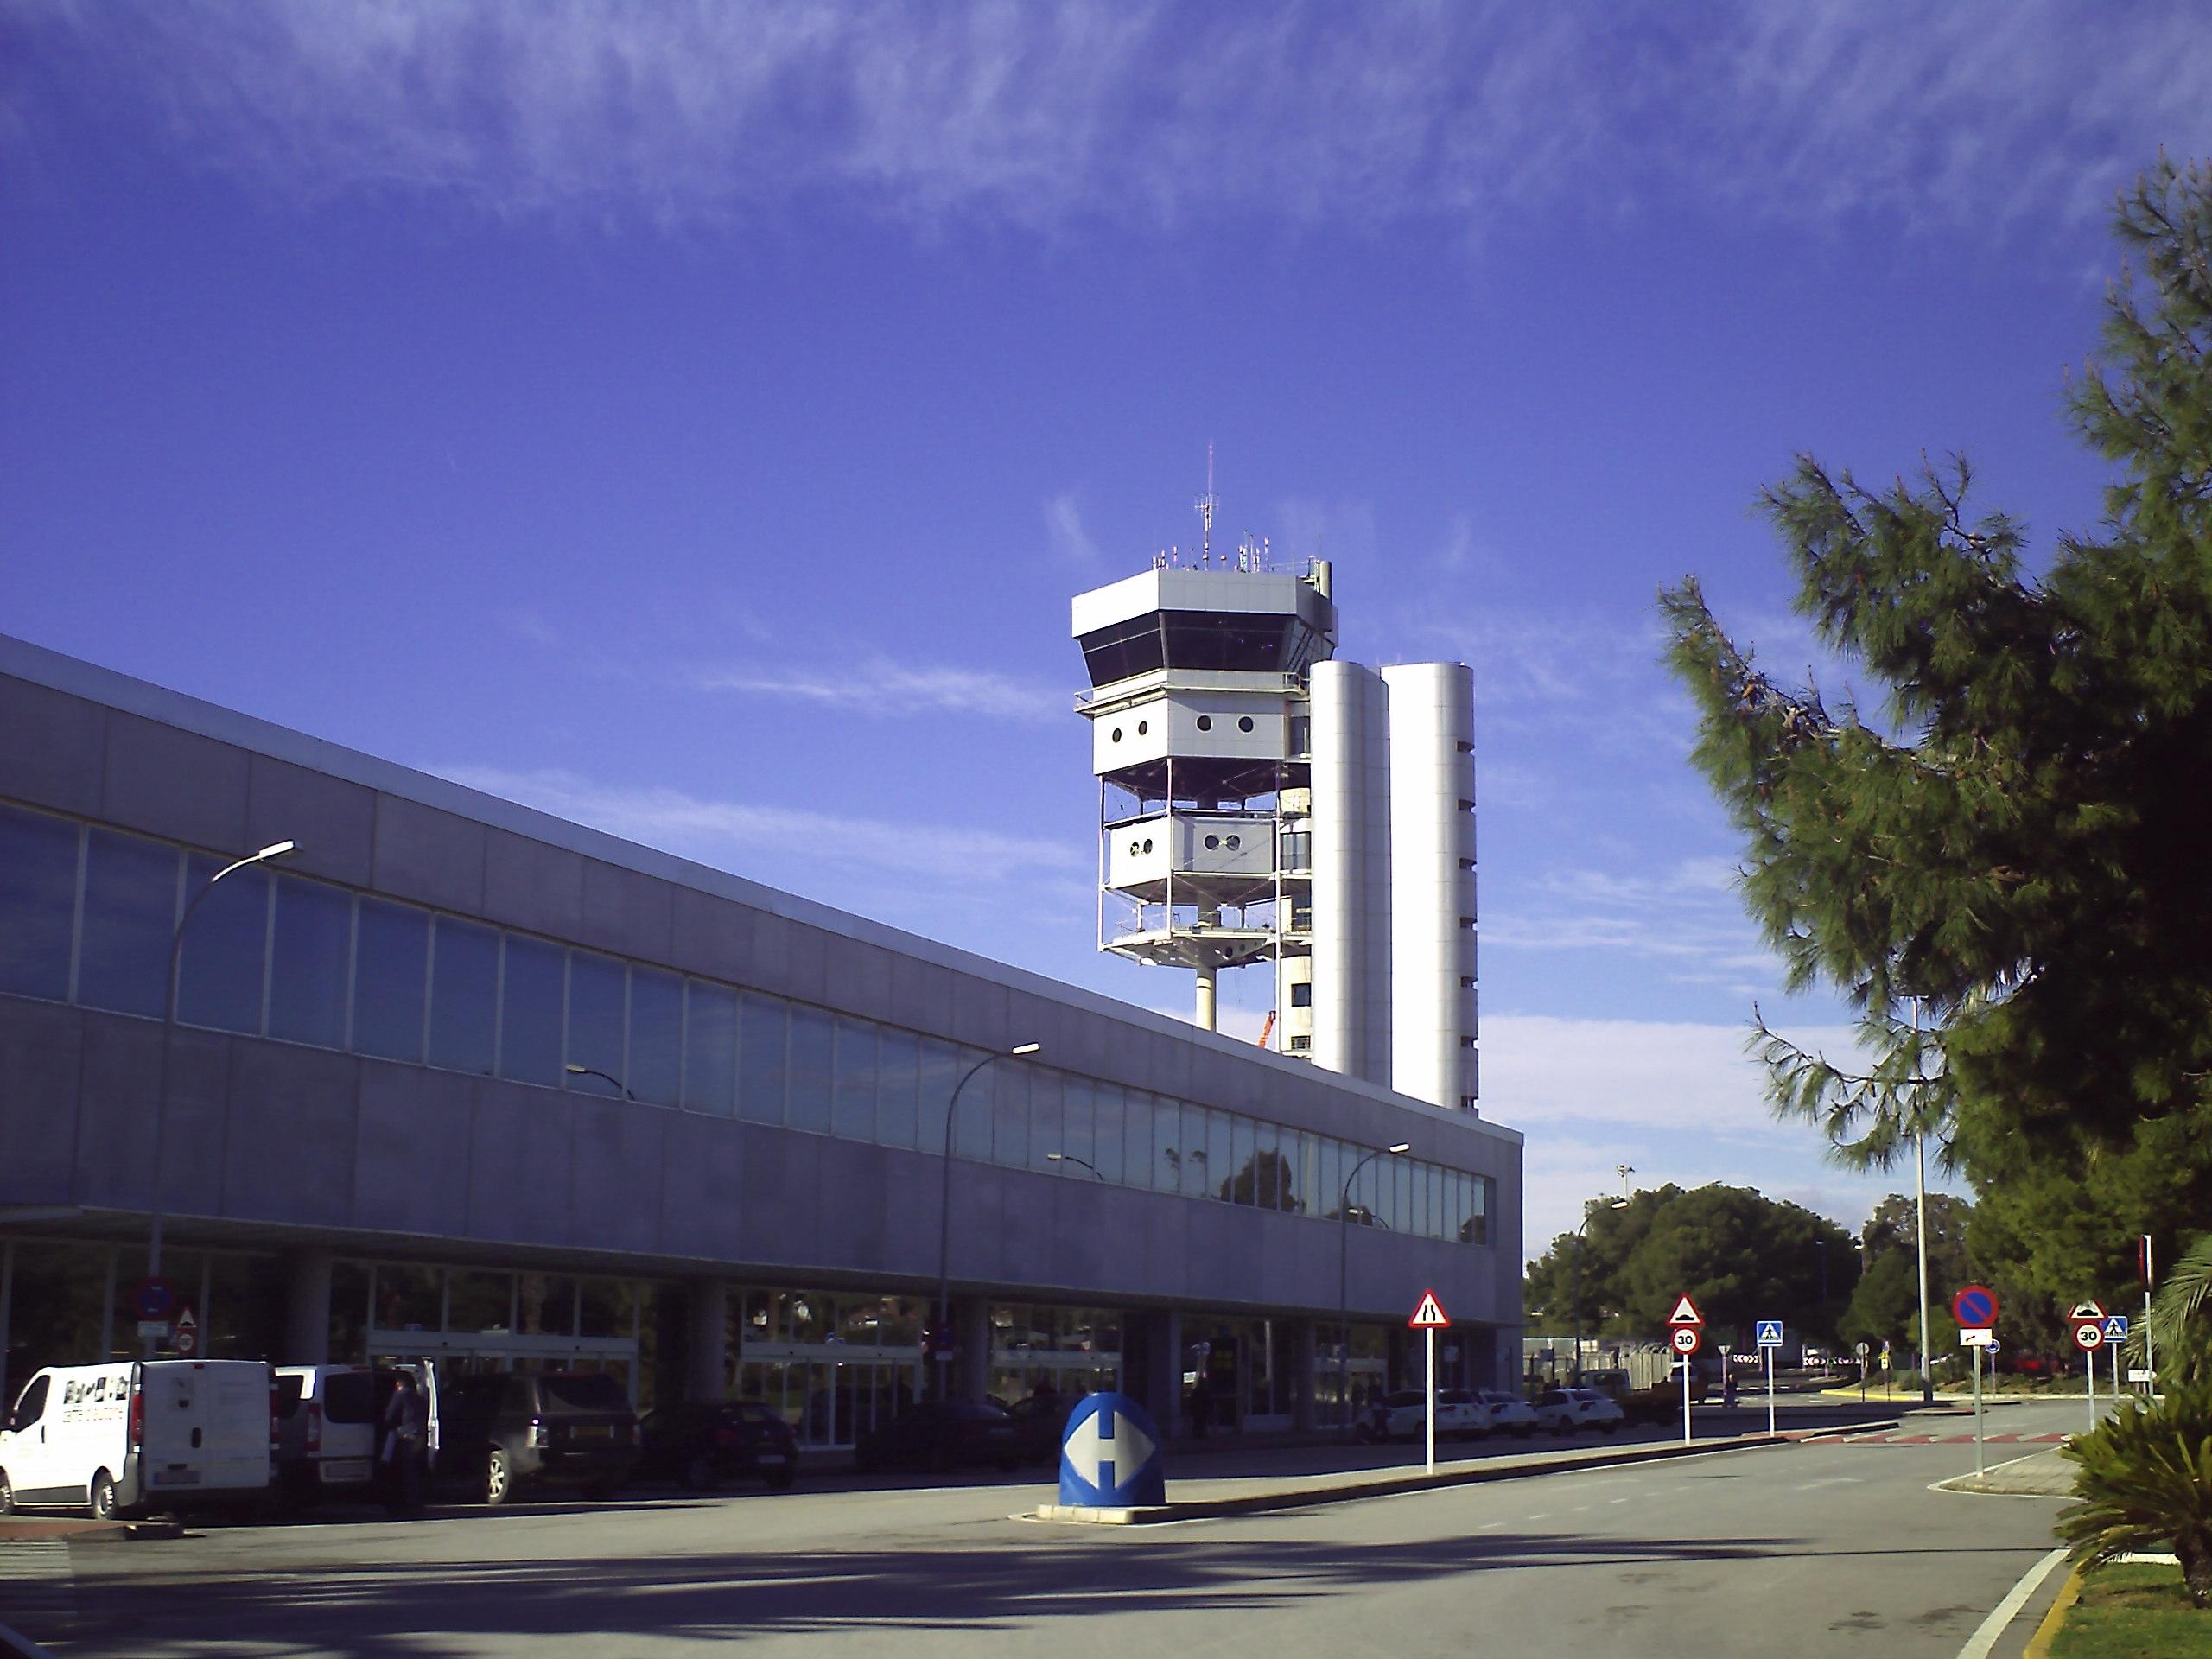 Aeroporto Alicante : File t aeropuerto alicante g wikimedia commons